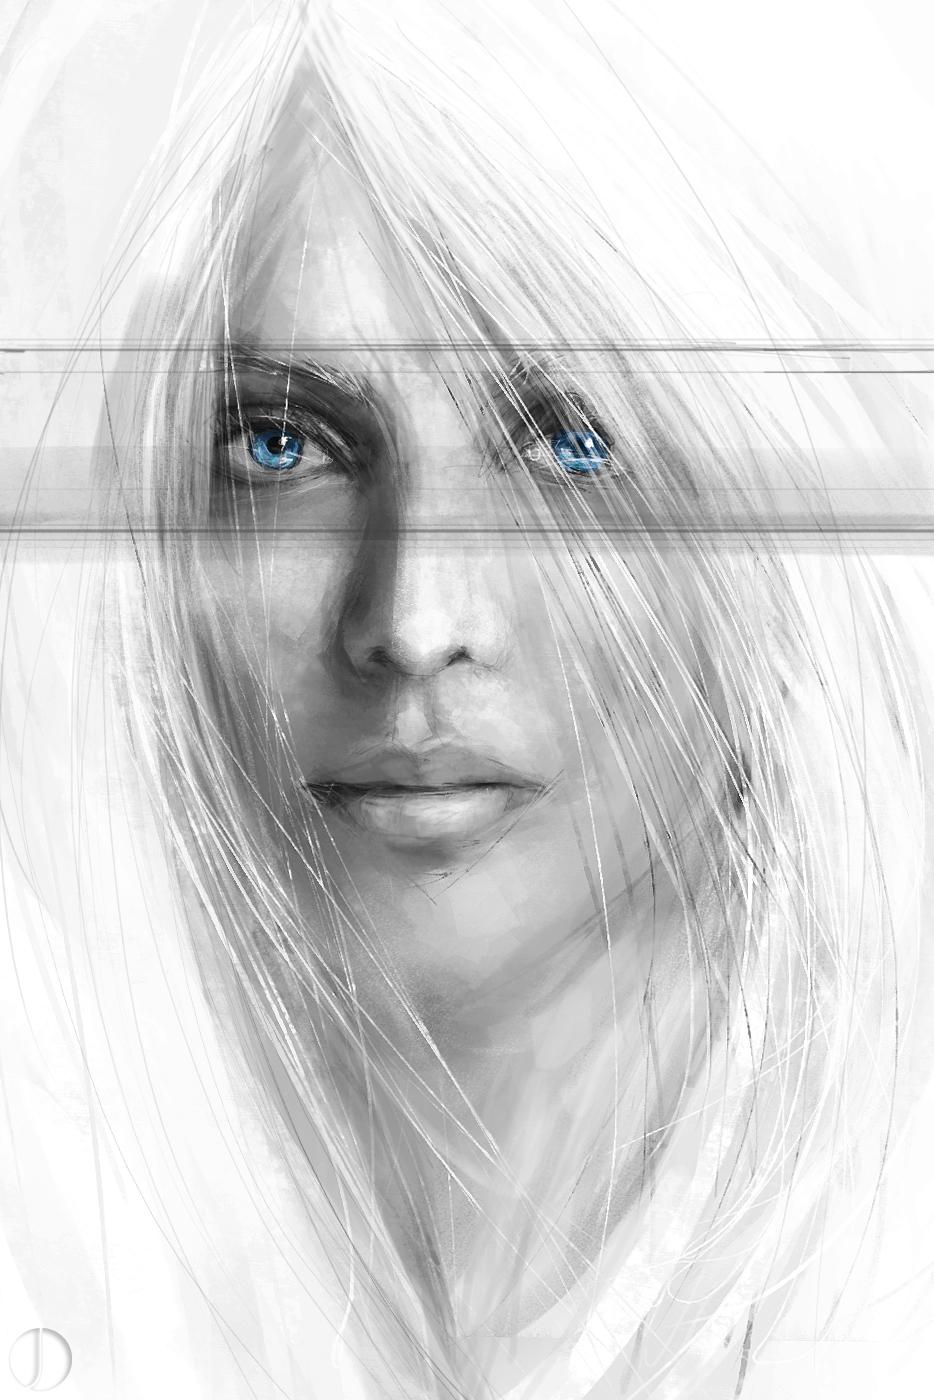 Иллюстрации - Художник John Aslarona